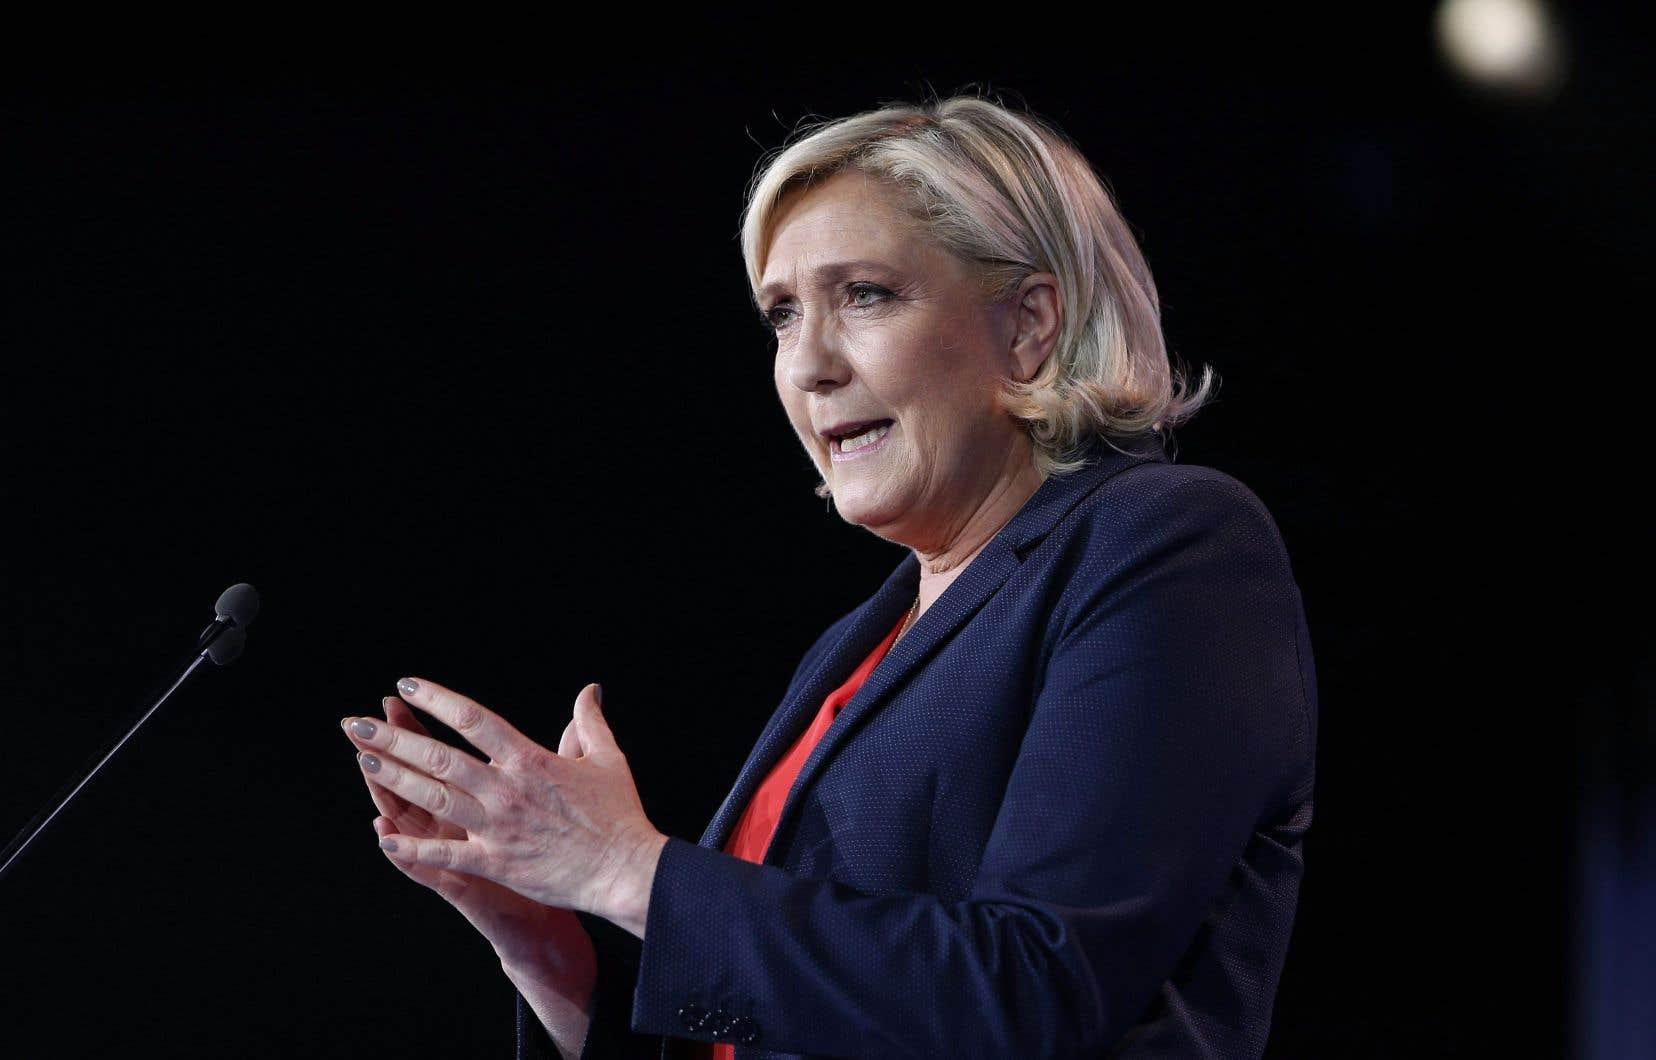 «Dans les régimes totalitaires, c'est une des méthodes qui sont utilisées contre les opposants. Les faire passer pour des fous», a dénoncé Marine Le Pen.